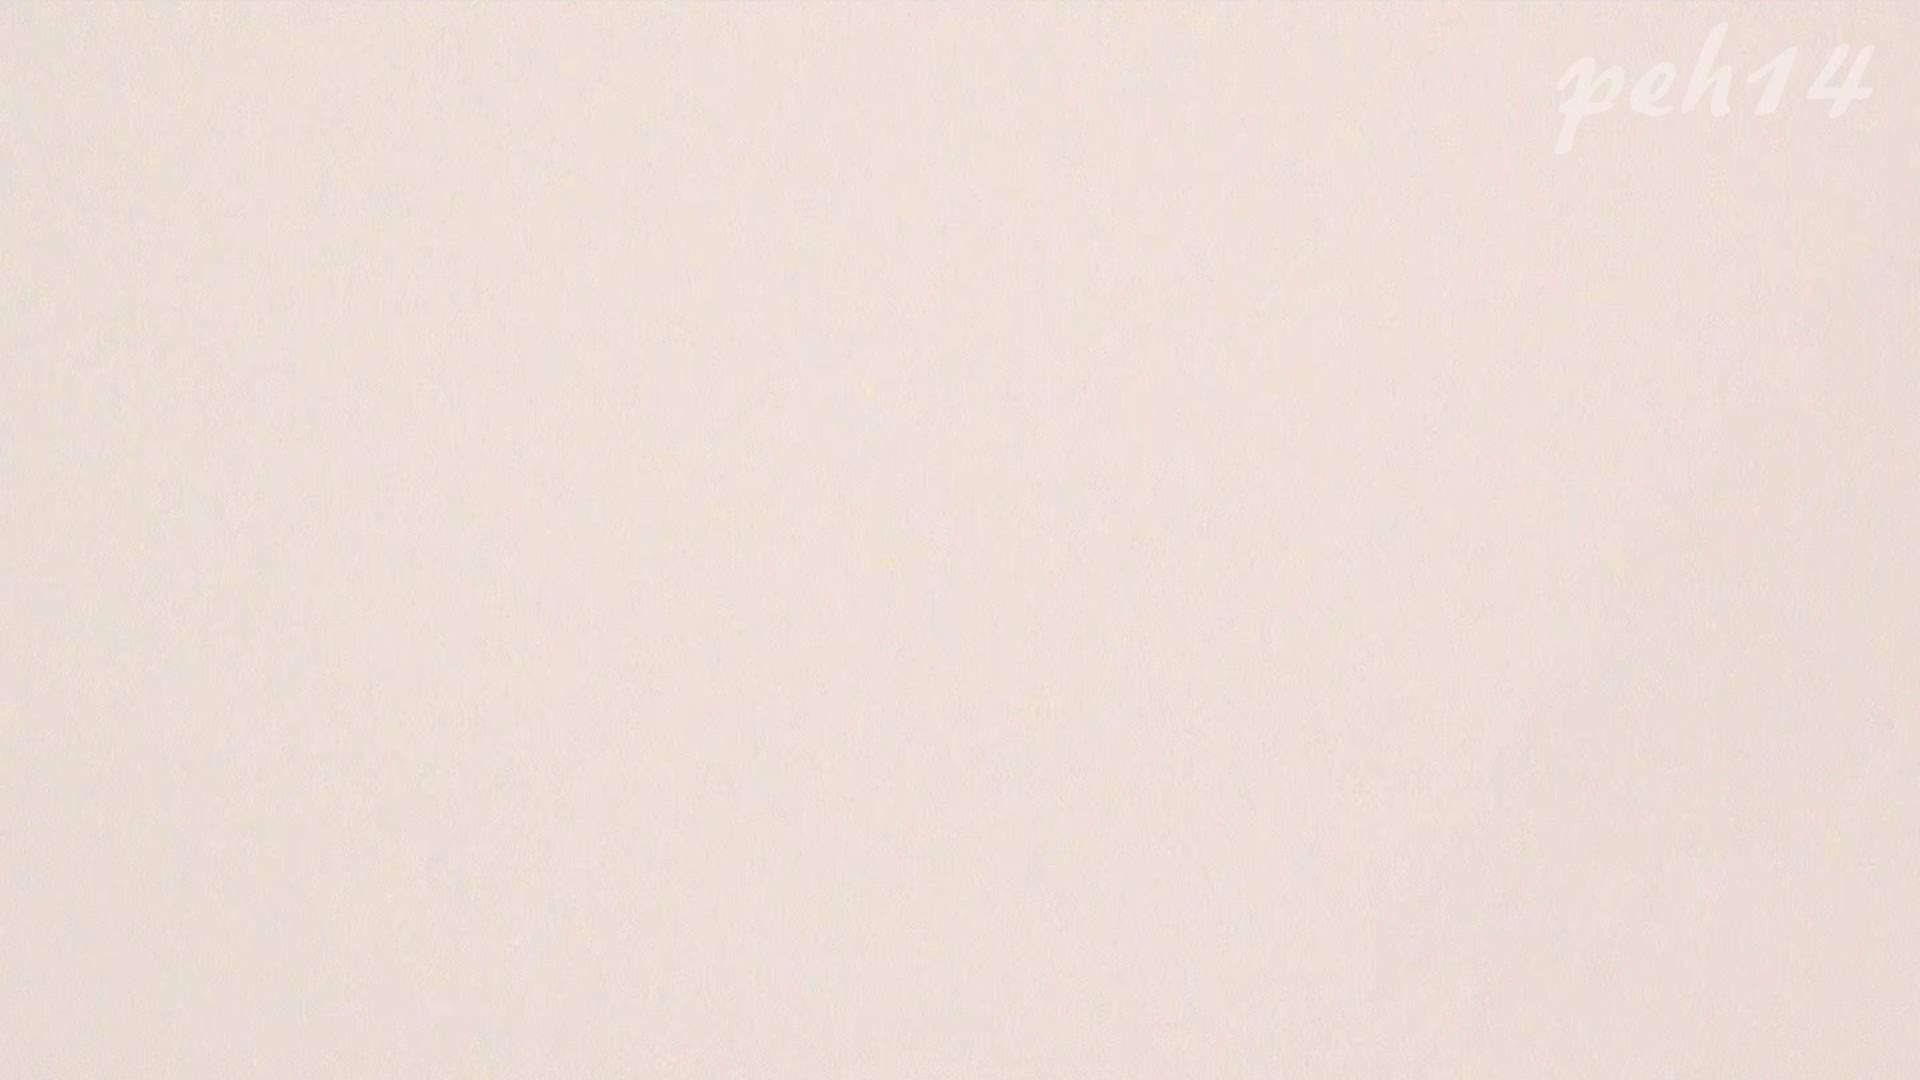 ※100個限定販売 至高下半身盗撮 プレミアム Vol.14 ハイビジョン 下半身 SEX無修正画像 20連発 11